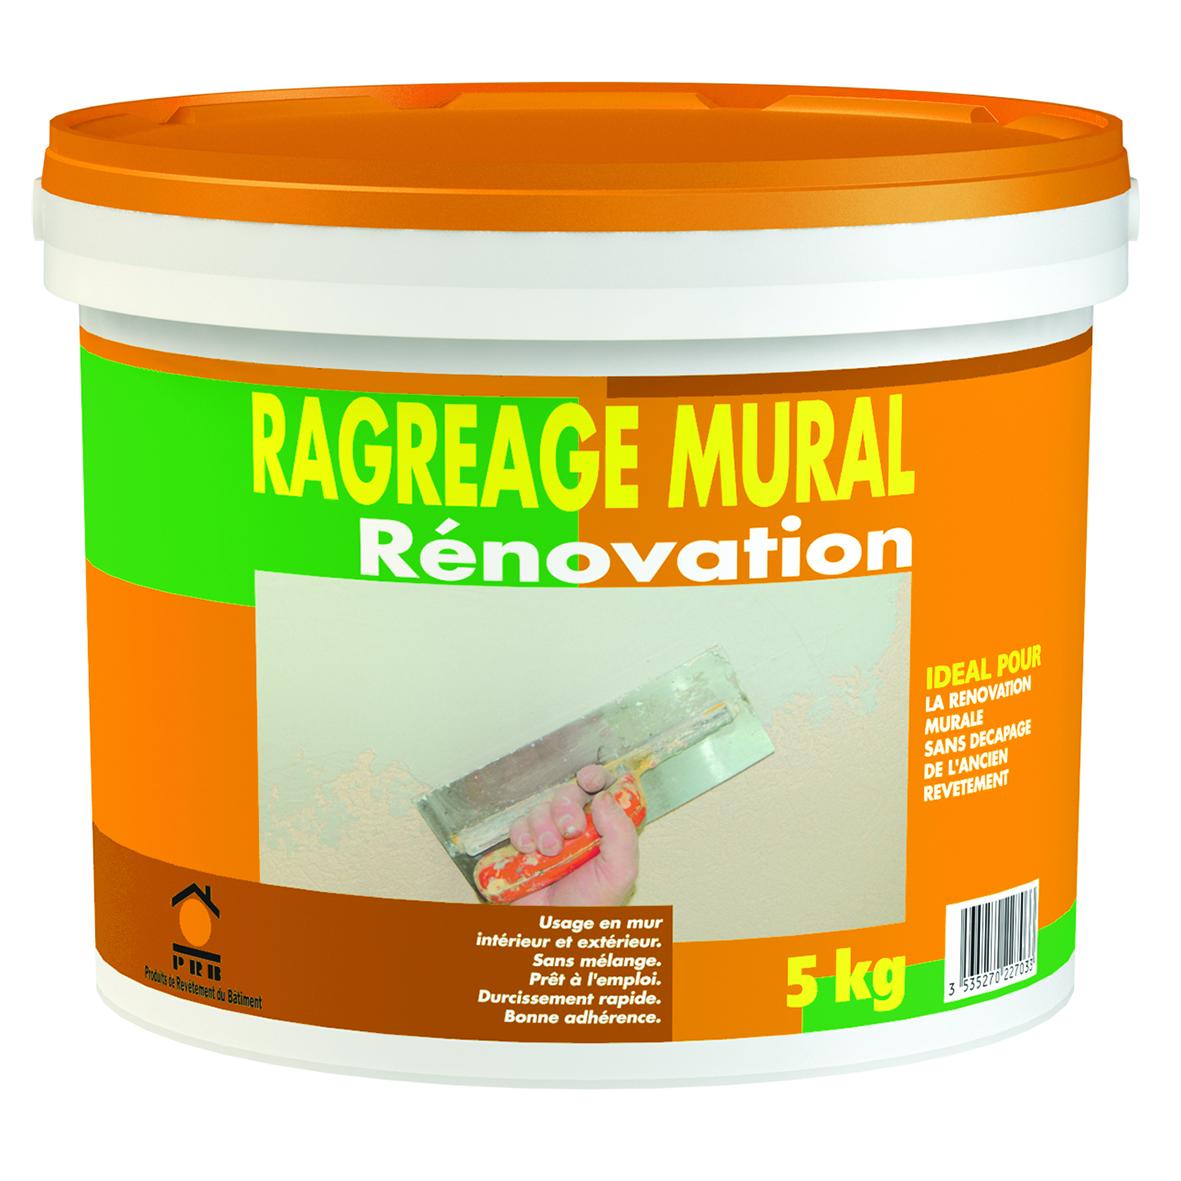 Libre service la gamme compl te for Ragreage mural exterieur